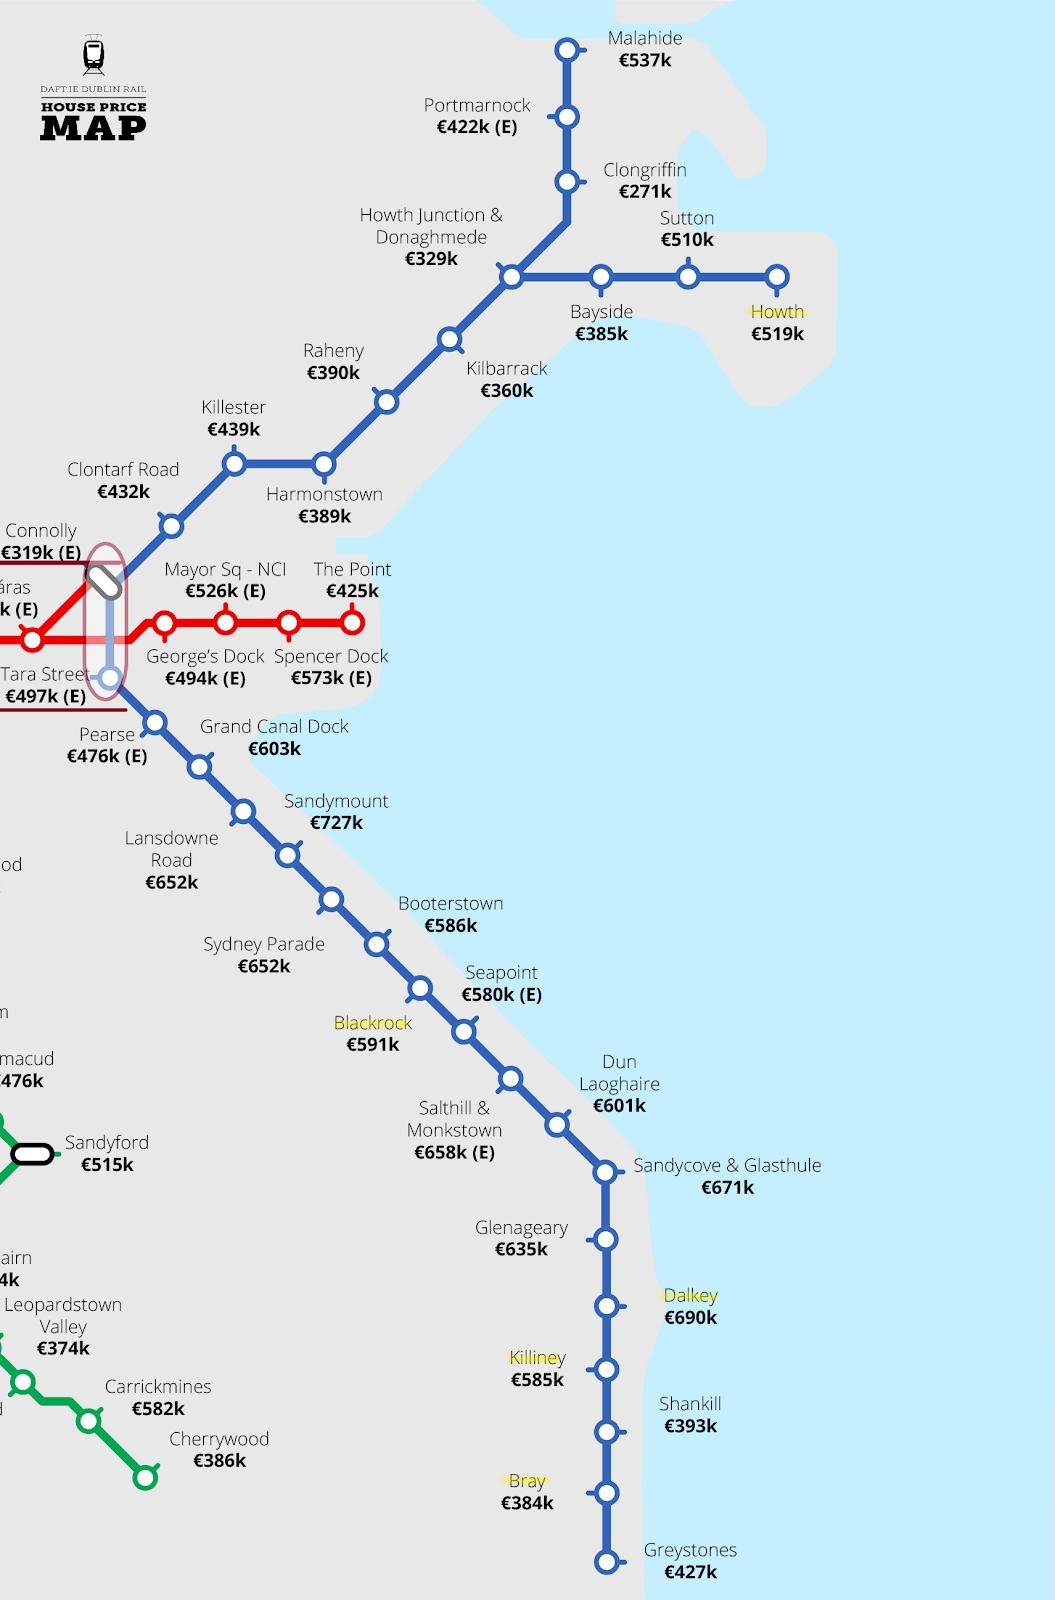 愛爾蘭打工遊學打工度假火車路線圖2020